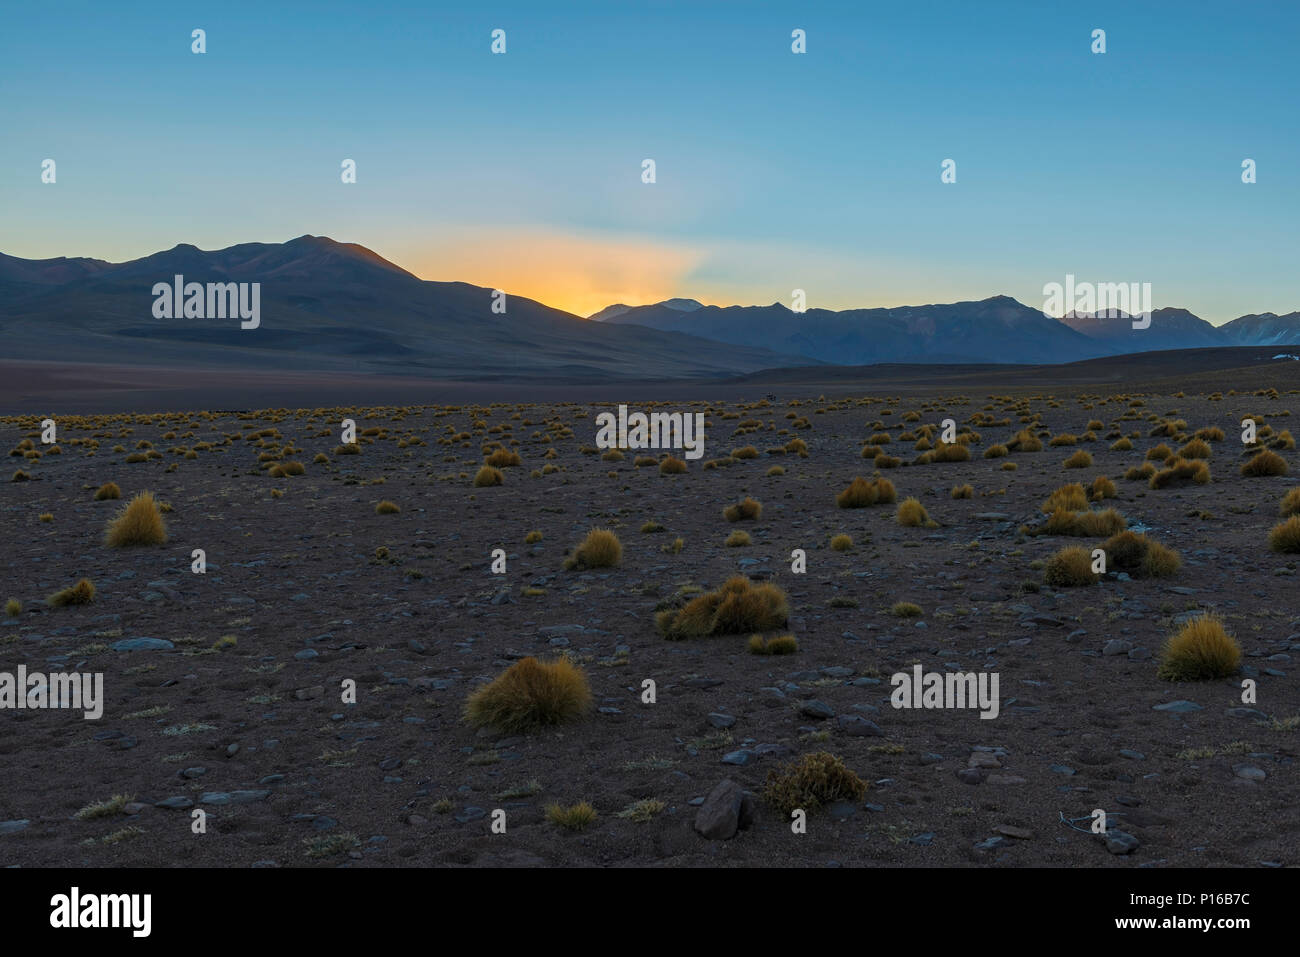 Paysage de la cordillère des Andes au lever du soleil dans le désert de Siloli à 4600m de haut situé entre le Chili et l'Uyuni salt flat, la Bolivie. Photo Stock